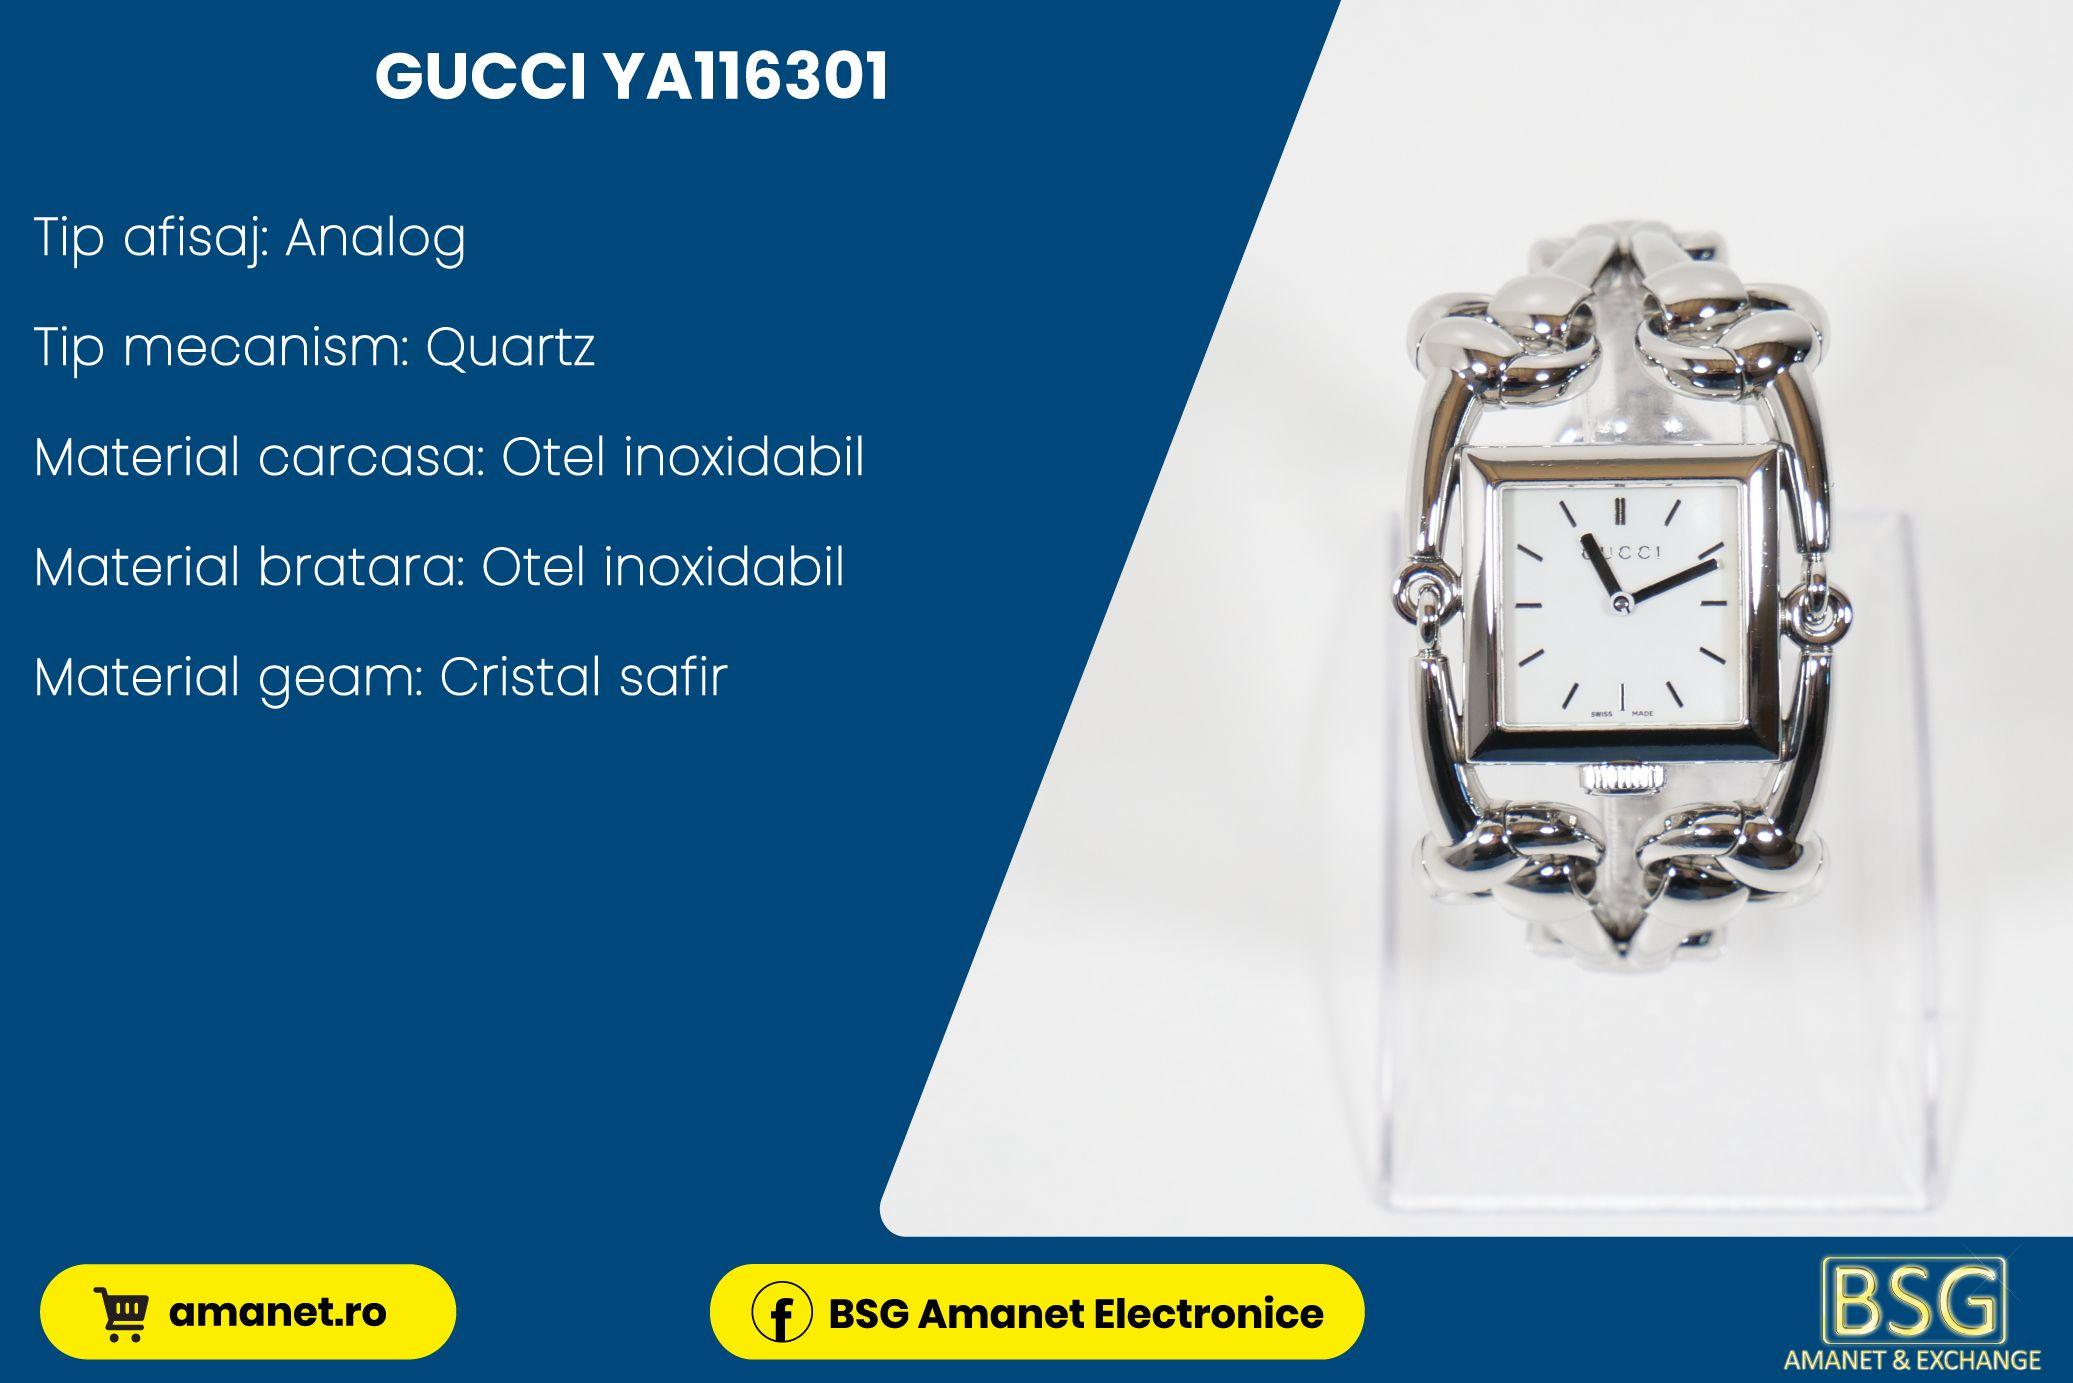 Ceas Gucci YA116301 - BSG Amanet & Exchange